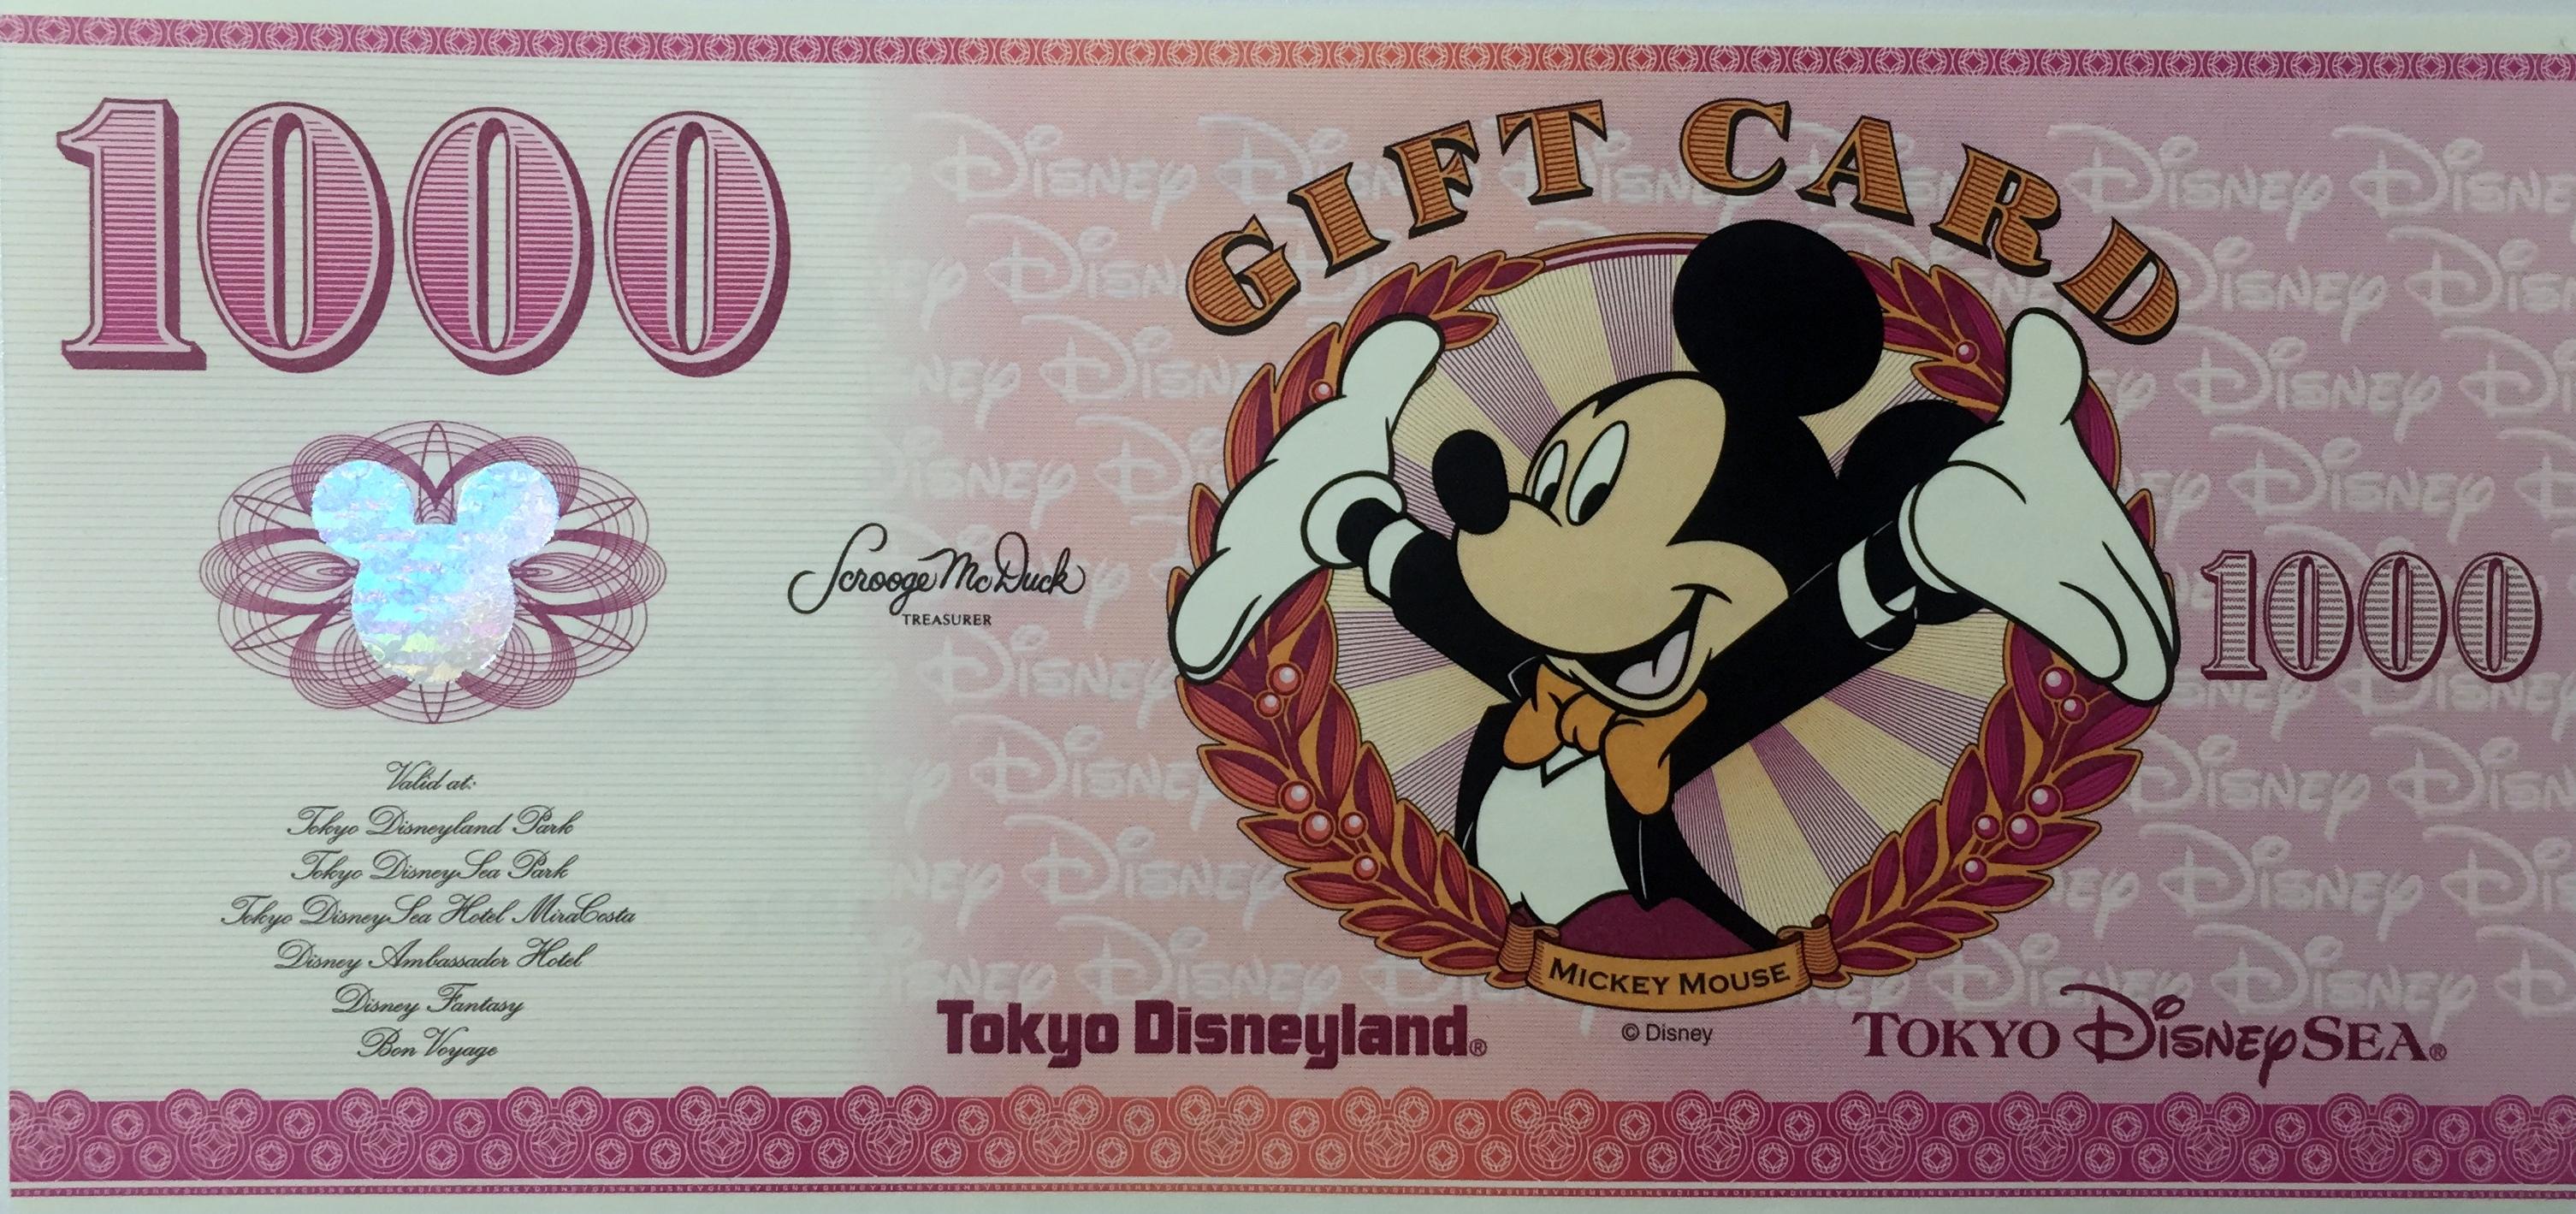 ディズニーギフトカード 1000円券 | レジャー券のチケット買取なら